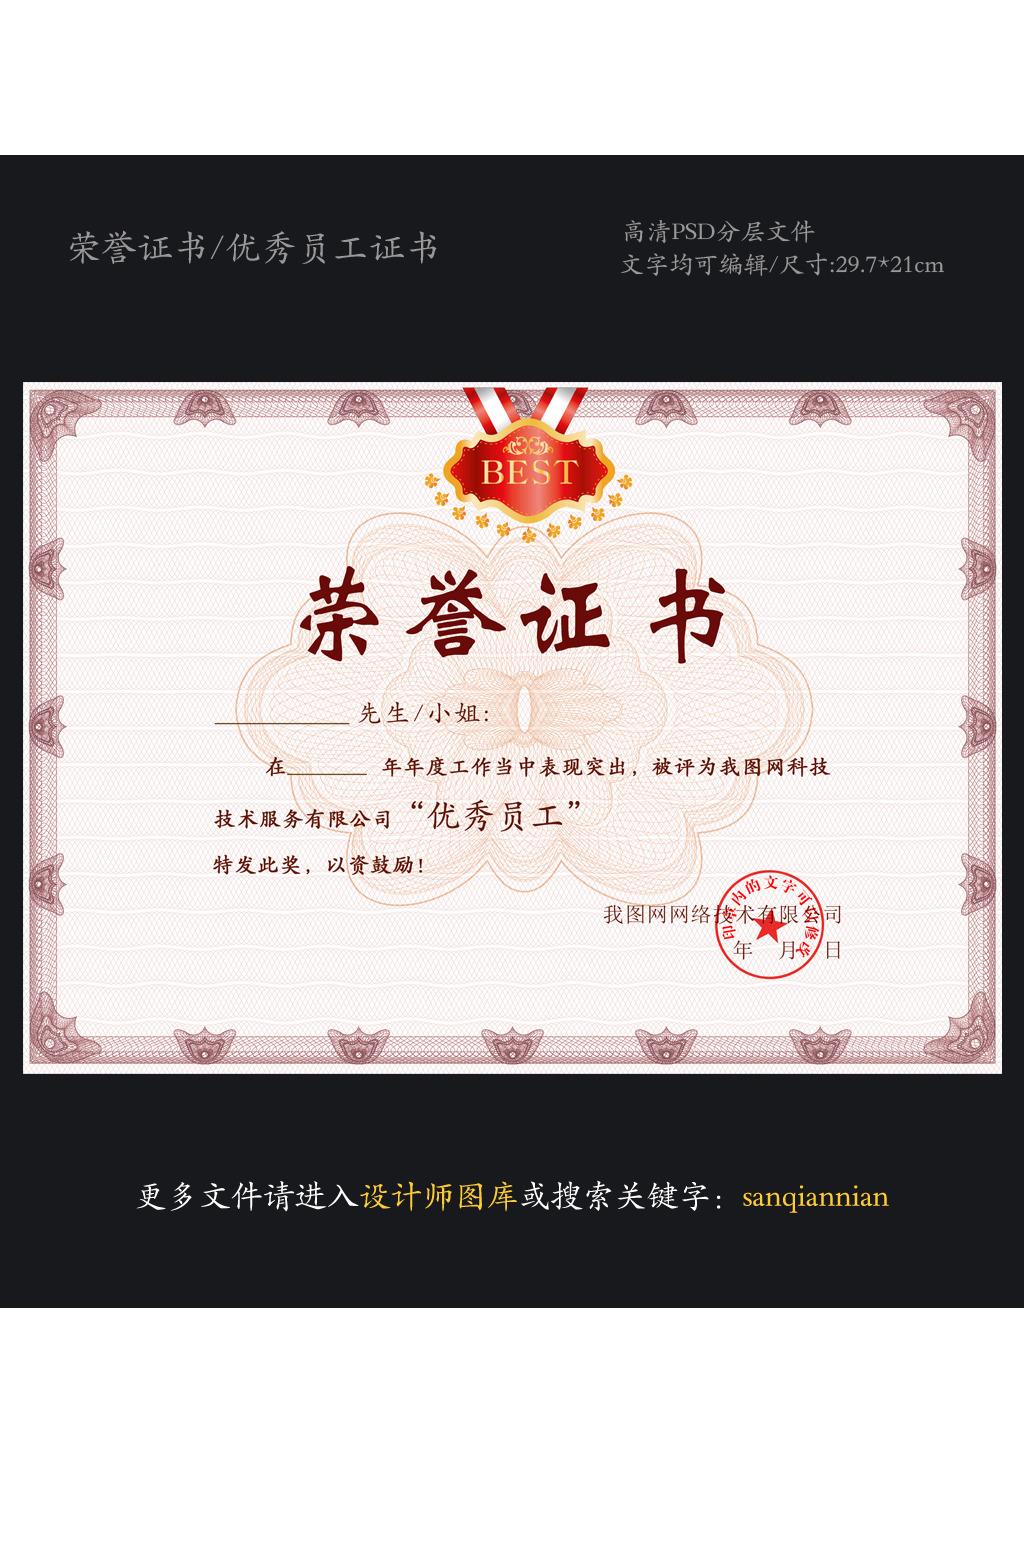 优秀个人 优秀团队 奖状 冠军奖 荣誉证书设计模板 获奖嘉宾 进步图片